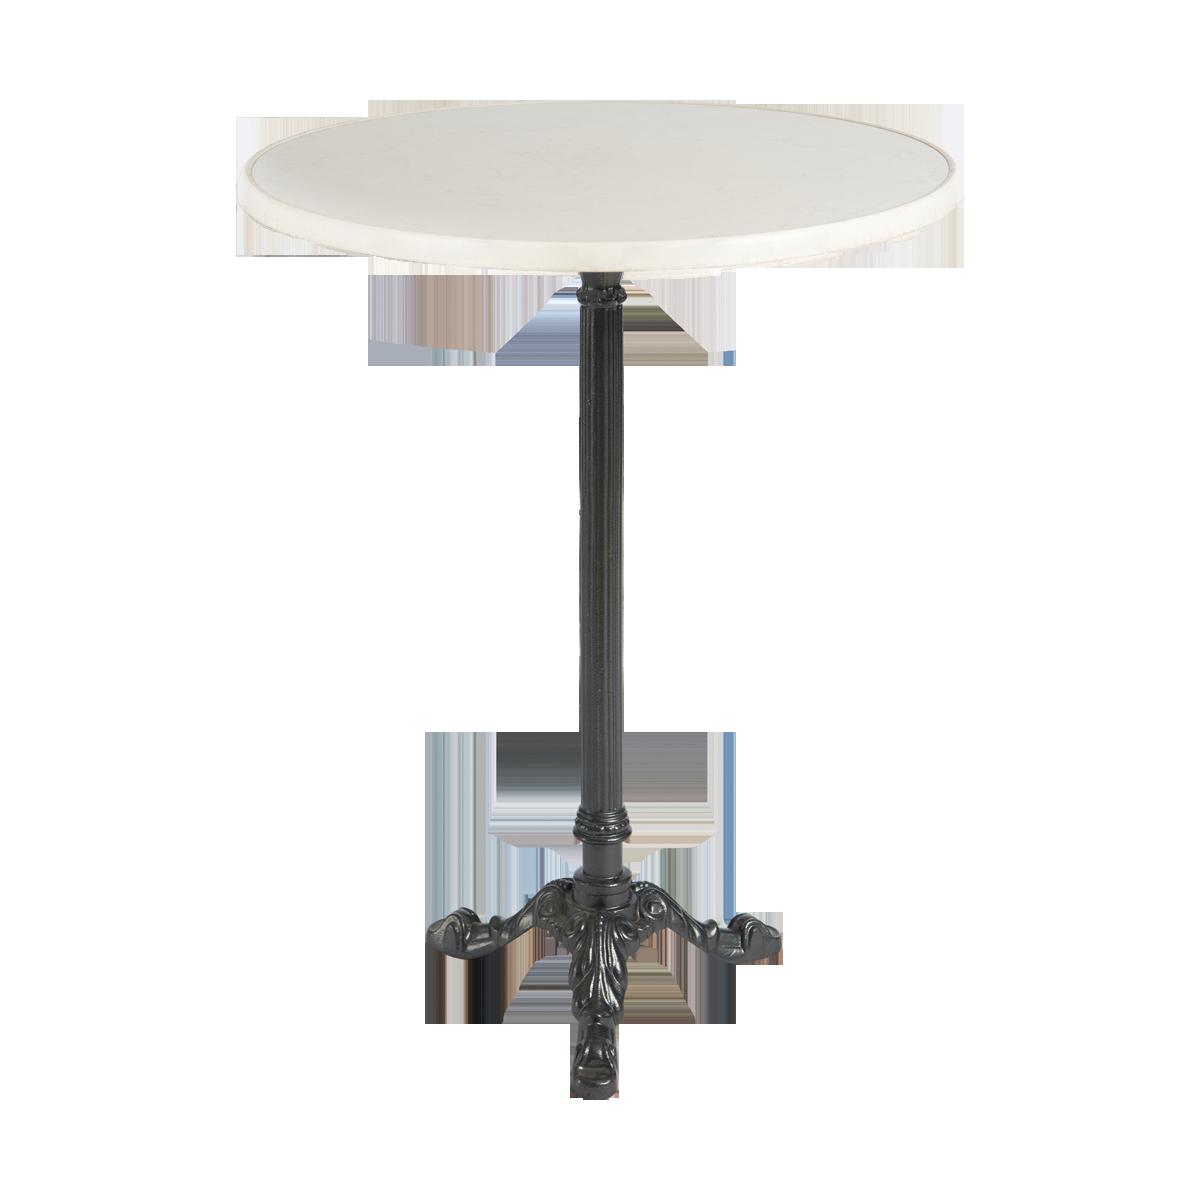 dieeventausstatter Stehtisch Classic Platte marmordekor rund